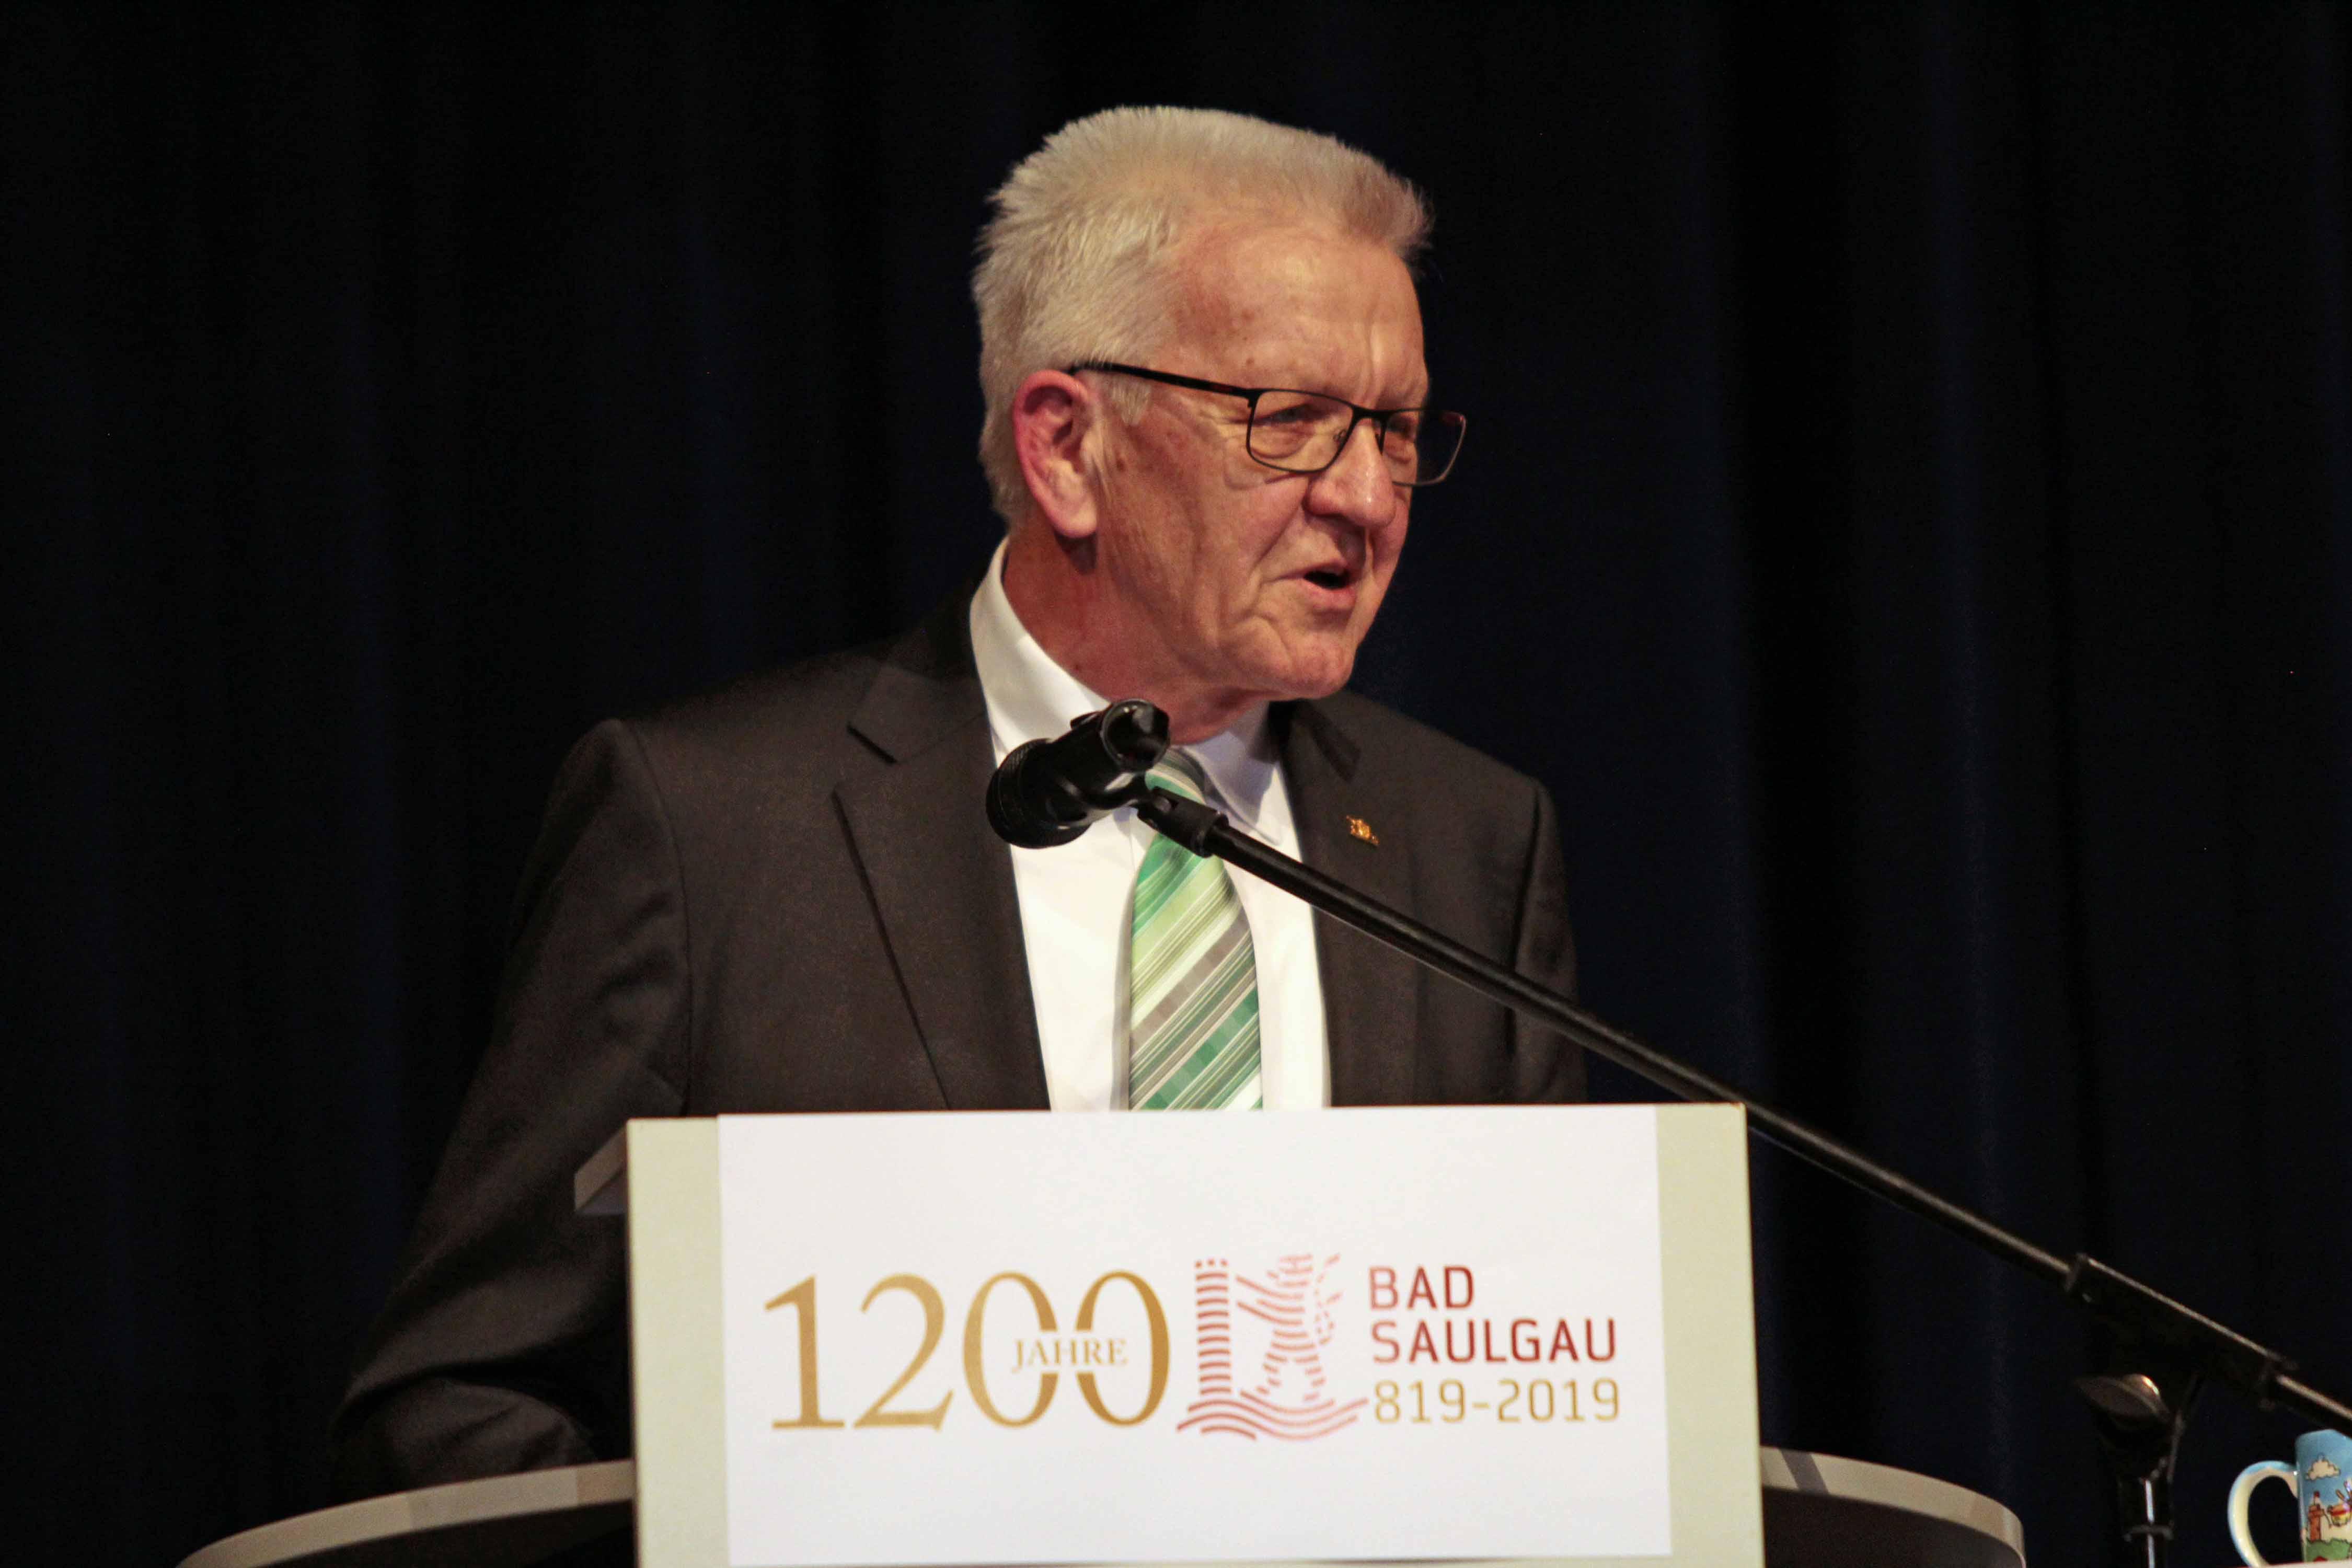 Festakt 1200 Jahre Bad Saulgau